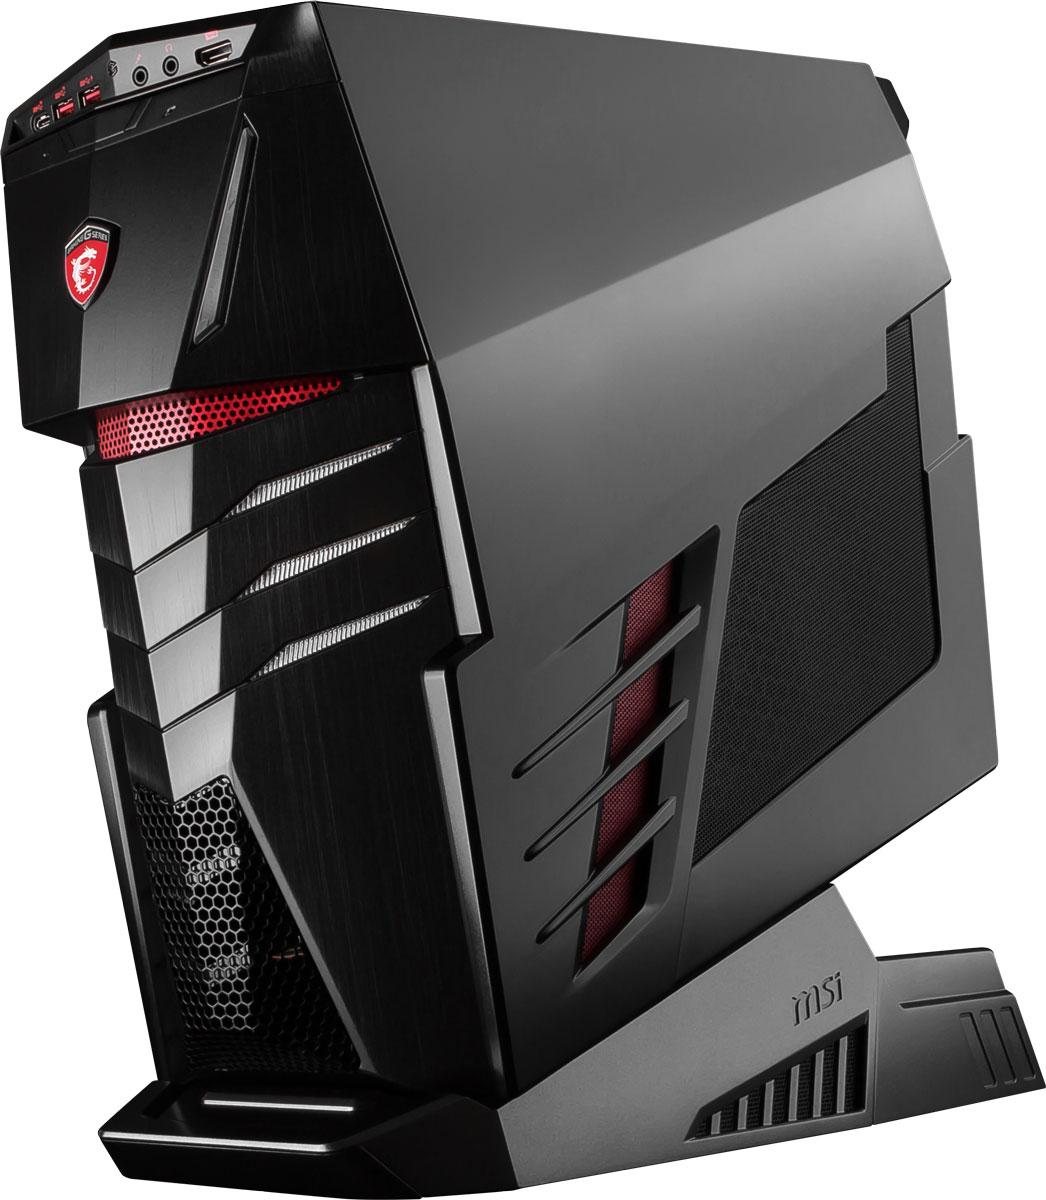 MSI Aegis Ti-024RU, Black настольный компьютер9S6-B90311-024Экстремальная игровая мощь! Готовься почувствовать эту мощь в игре с этой системой, полностью готовой к сражениям с MSI Aegis Ti.Играйте в новейшие хиты игрового мира во всей их красе на десктопе MSI Aegis Ti. Вы познаете всю мощь новейших графических карт класса High-endGeForce GTX 1070 в режиме SLI. Поддержка конфигурации 2-way SLI подарит высокую детализацию игрового мира и совершенное качество геймплея.Сердцем Aegis Ti стал мощный разблокированный процессор Intel Core i7-6700 с индексом K, который вы сможете разогнать без использования сложных приложений – даже корпус открывать не придётся. Одно нажатие кнопки Дракона на передней панели Aegis Ti, и внутренние компоненты придут в режим повышенной производительности. Это заставит игры и другие ресурсоёмкие задачи работать ещё более плавно, чем в обычном режиме.Благодаря новой архитектуре процессоров 6-го поколения Intel Core, реализована поддержка высокоскоростных модулей памяти DDR4 с частотой 2133 МГц. Двухканальная архитектура DDR4-2133 обеспечивает прирост производительности на 33% по сравнению с двухканальной работой памяти DDR3-1600.Желая добиться выдающейся производительности, инженеры MSI снабдили Aegis Ti новой мощной системой охлаждения Silent Storm Cooling 3. Три отдельных блока Aegis Ti имеют раздельное охлаждение. Такое решение позволило разделить внутреннее пространство на три независимых воздушных потока: для PSU, GPU и CPU. Уникальная архитектура Silent Storm Cooling 3 обеспечивает высокоточное управление температурой компонентов, благодаря чему система всегда остаётся холодной и тихой.Super RAID 4 – это новейшая технология построения высокоскоростных систем хранения данных, основанная на архитектуре RAID 0. Объединяя два модуля PCI-E Gen 3.0 x4 SSD-накопителей, использующих технологию NVMe, в единое целое, она позволяет развить невероятную скорость передачи данных – более 3300 Мбайт/с в режиме чтения!Добавьте уникальности вашему Aegis Ti 